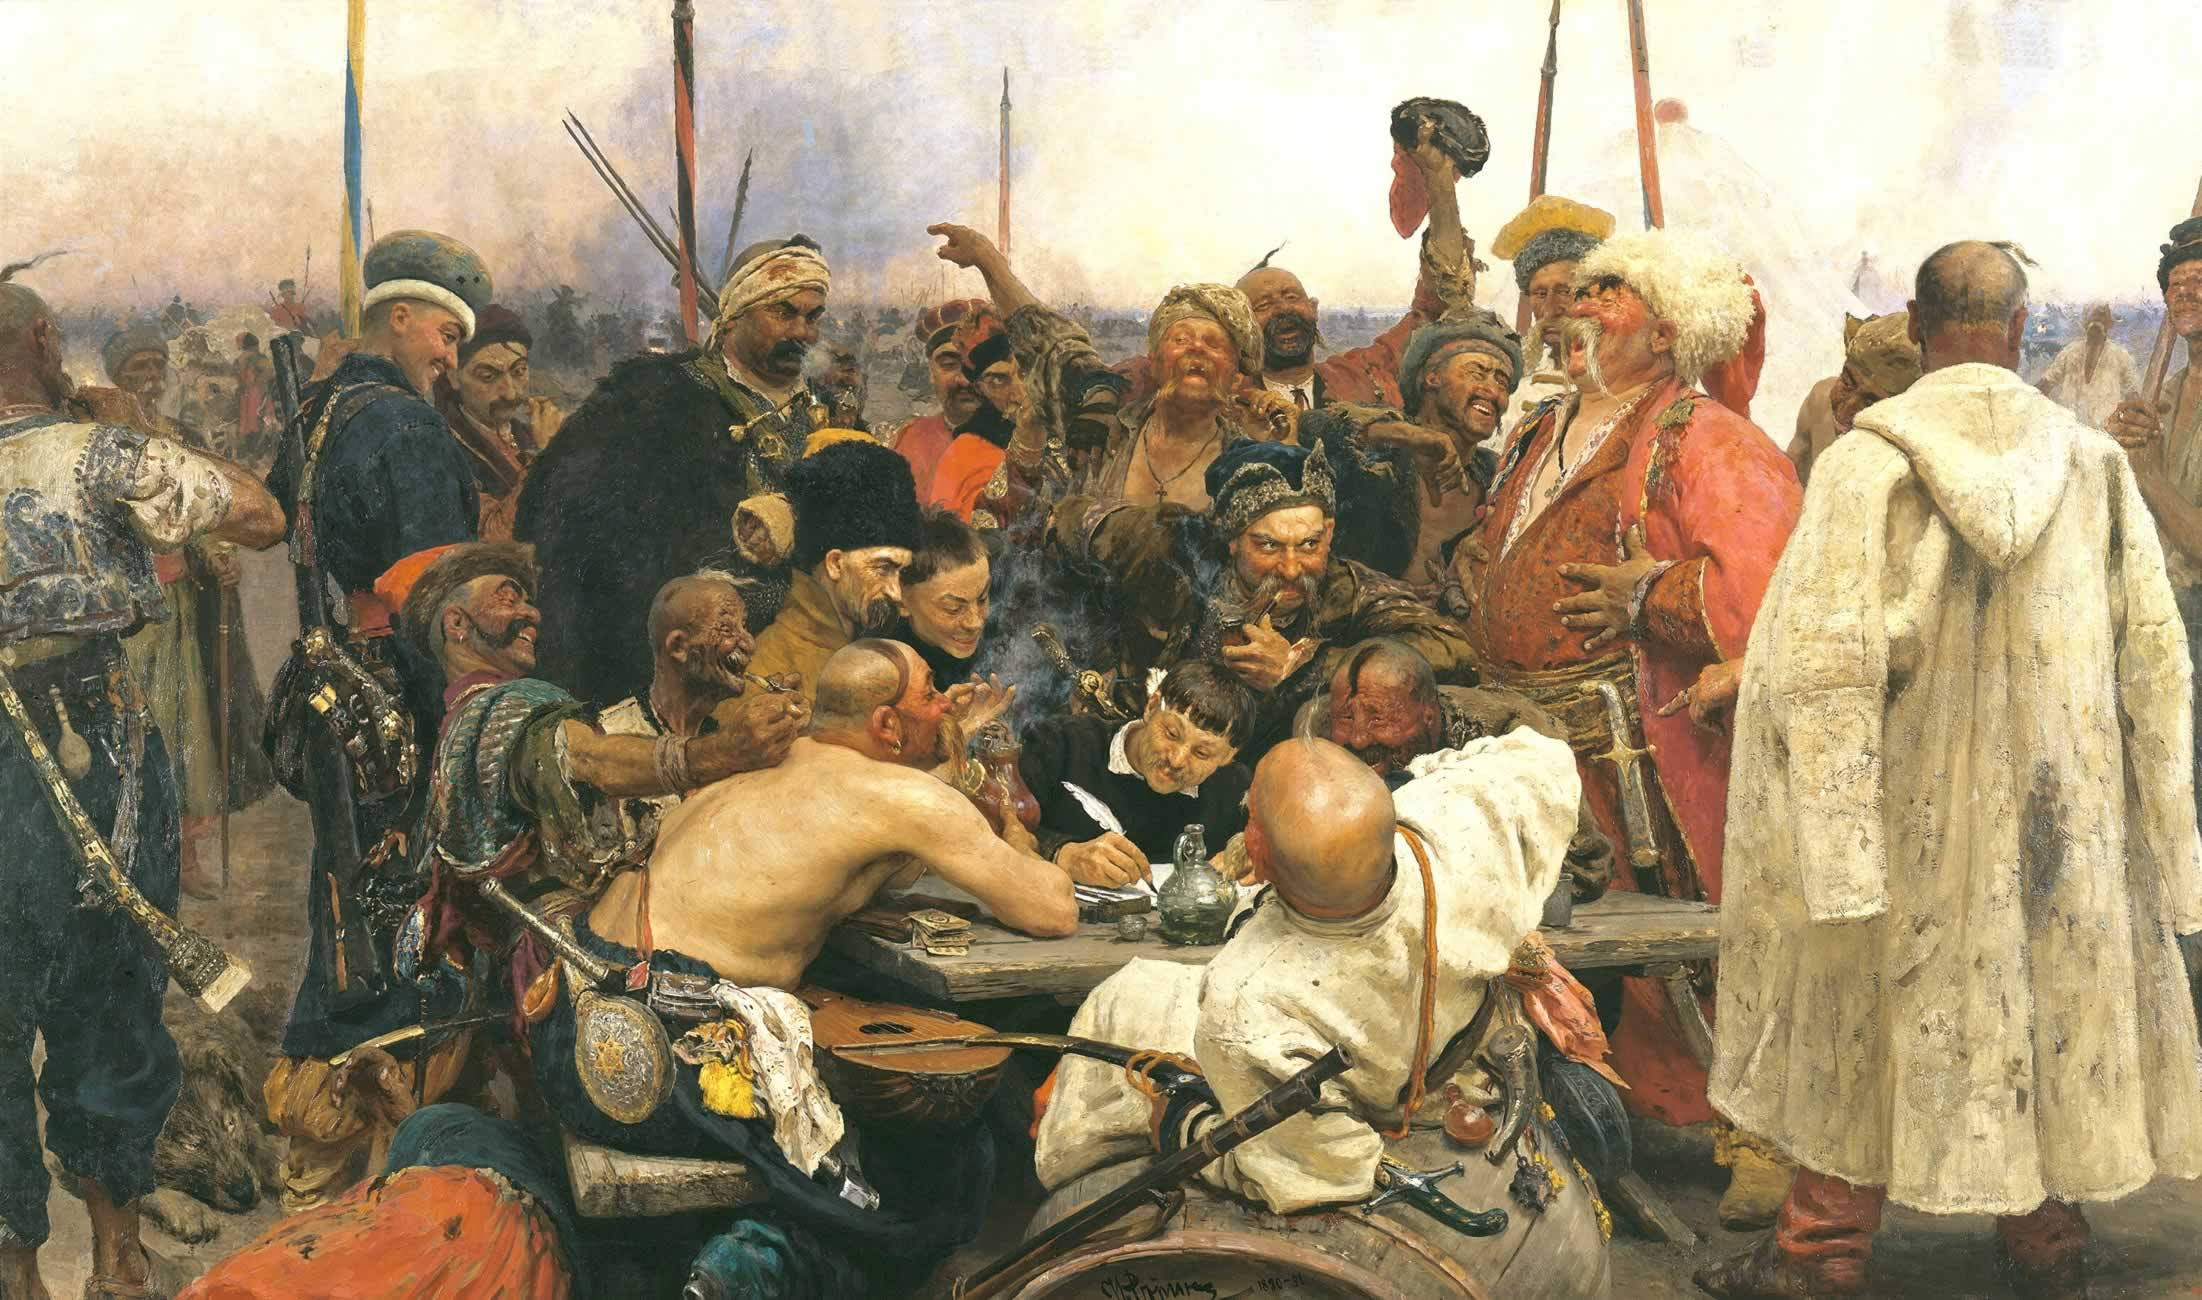 ilya_repin-los_cosacos_zaporogos_responden_al_sultan_mehmet_iv-1880